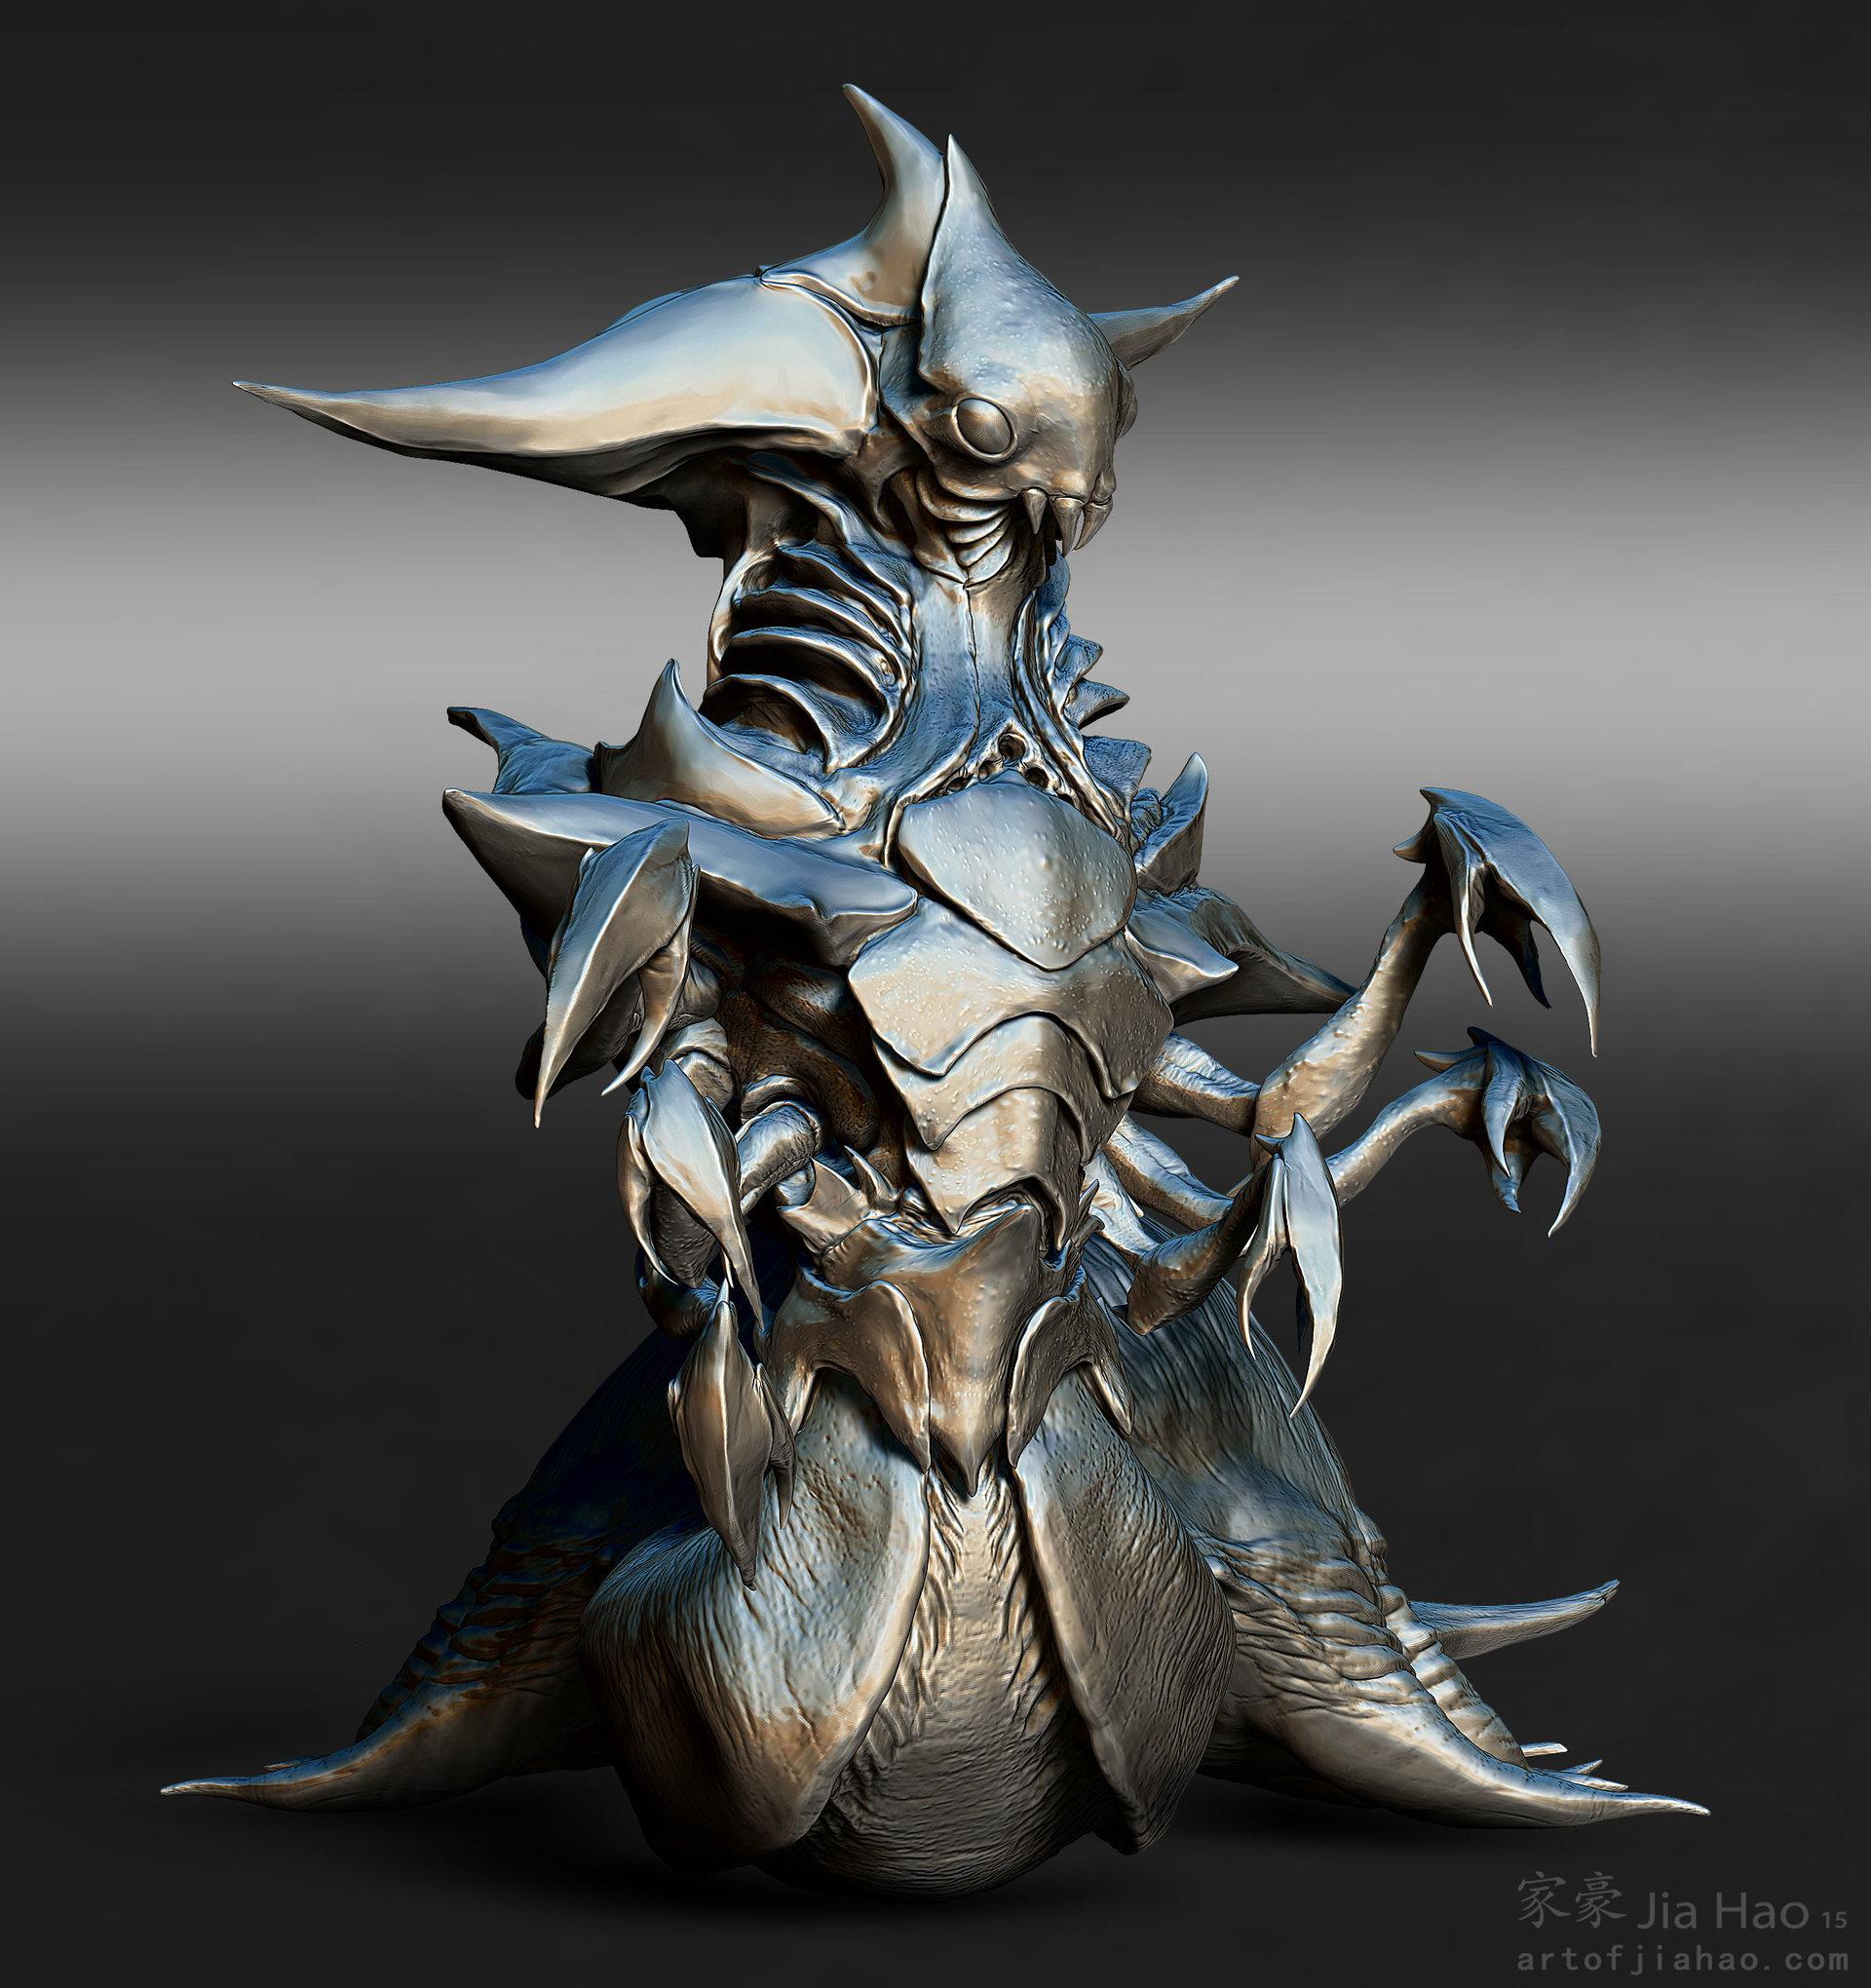 Jia hao 2015 09 insectqueen designpresentations sculpt 03